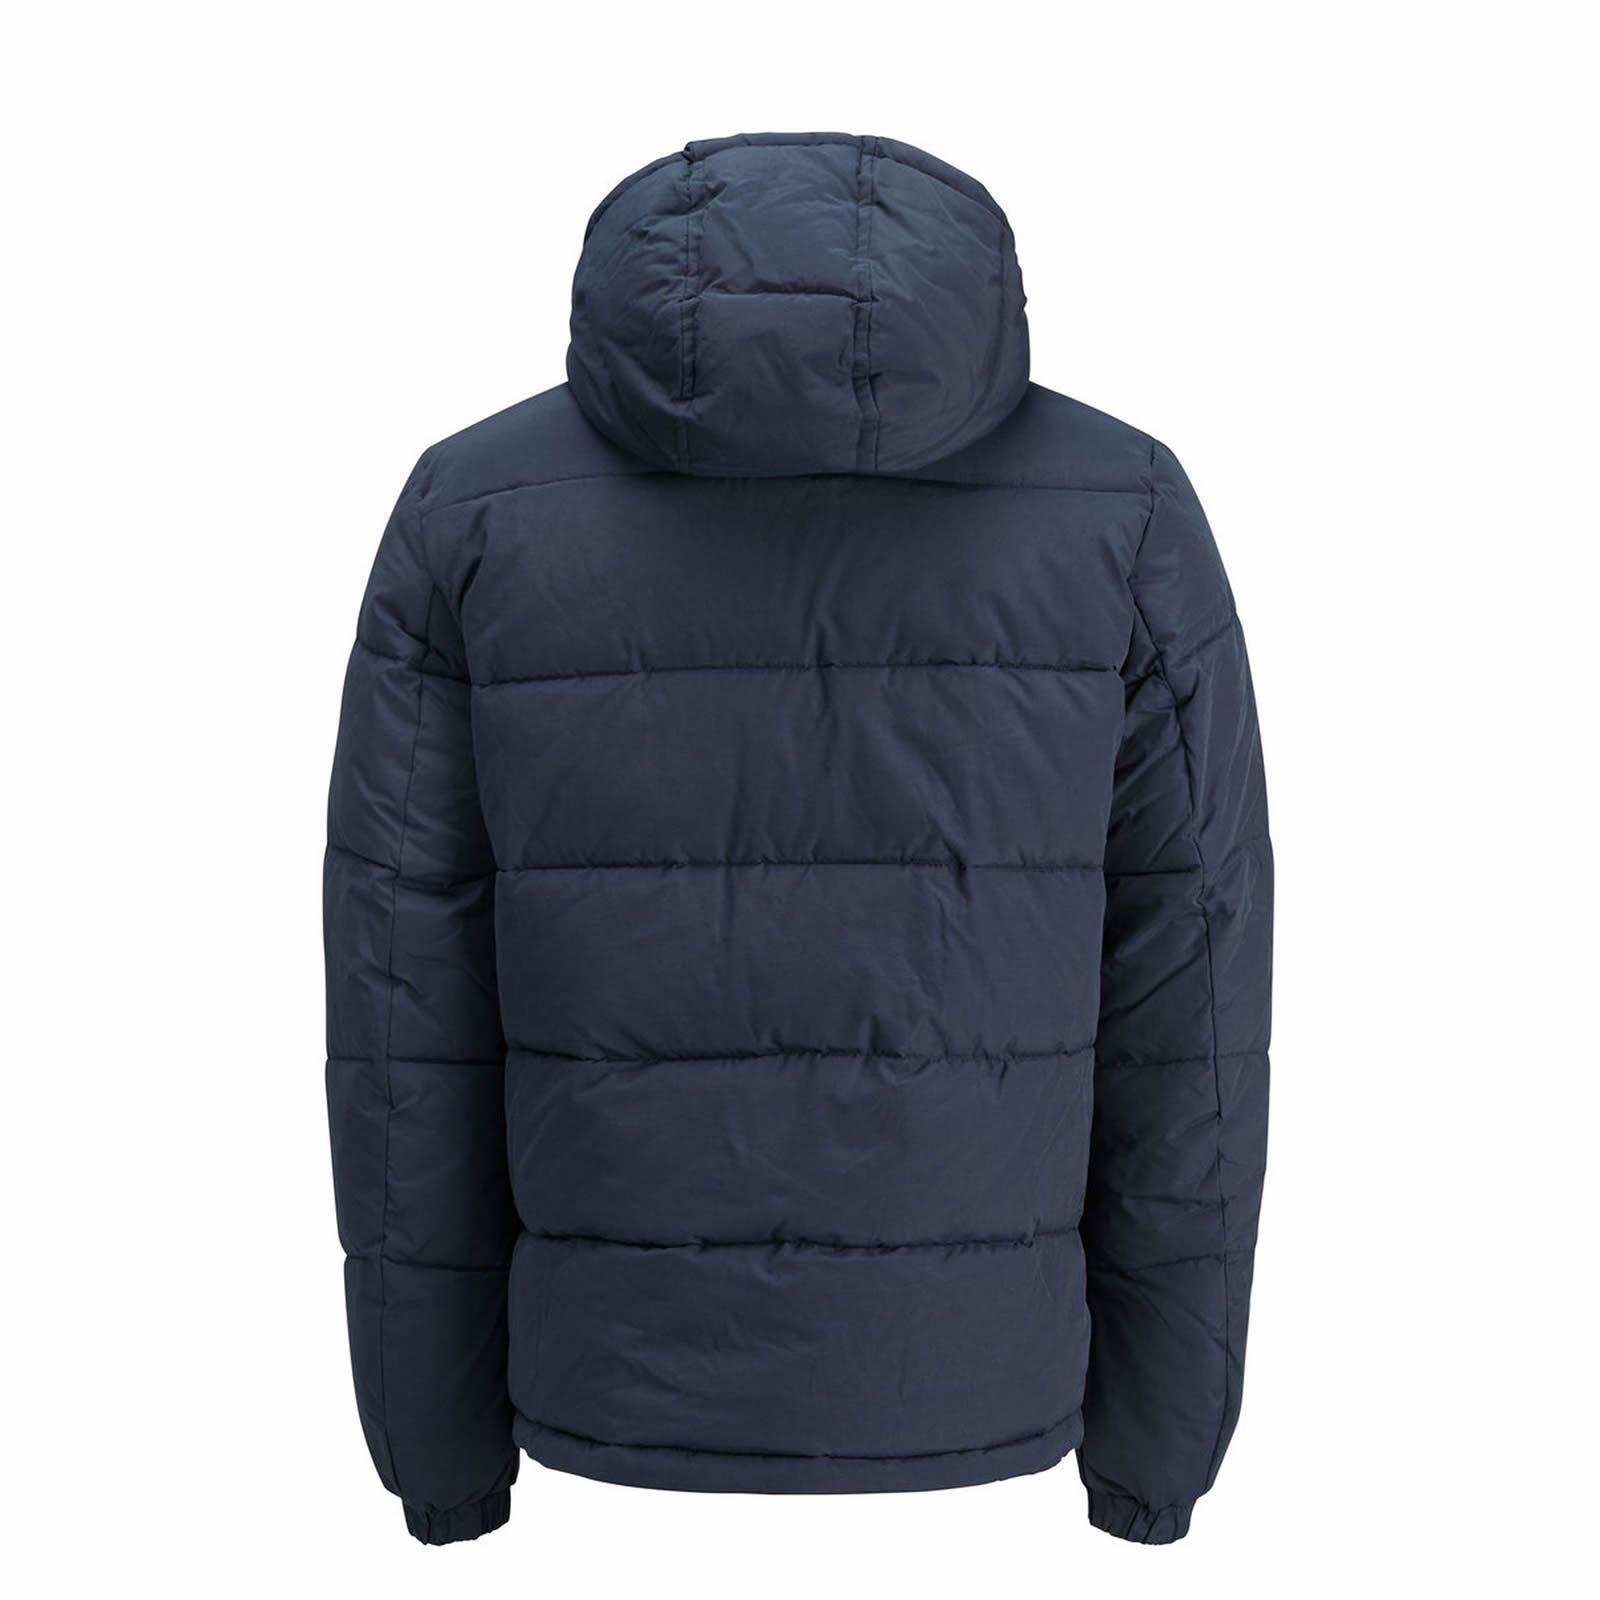 Up Mens Hooded Zu Bomber Jackamp; Details Figure Zip Padded Coat Jacket Jones uXTwOkPlZi